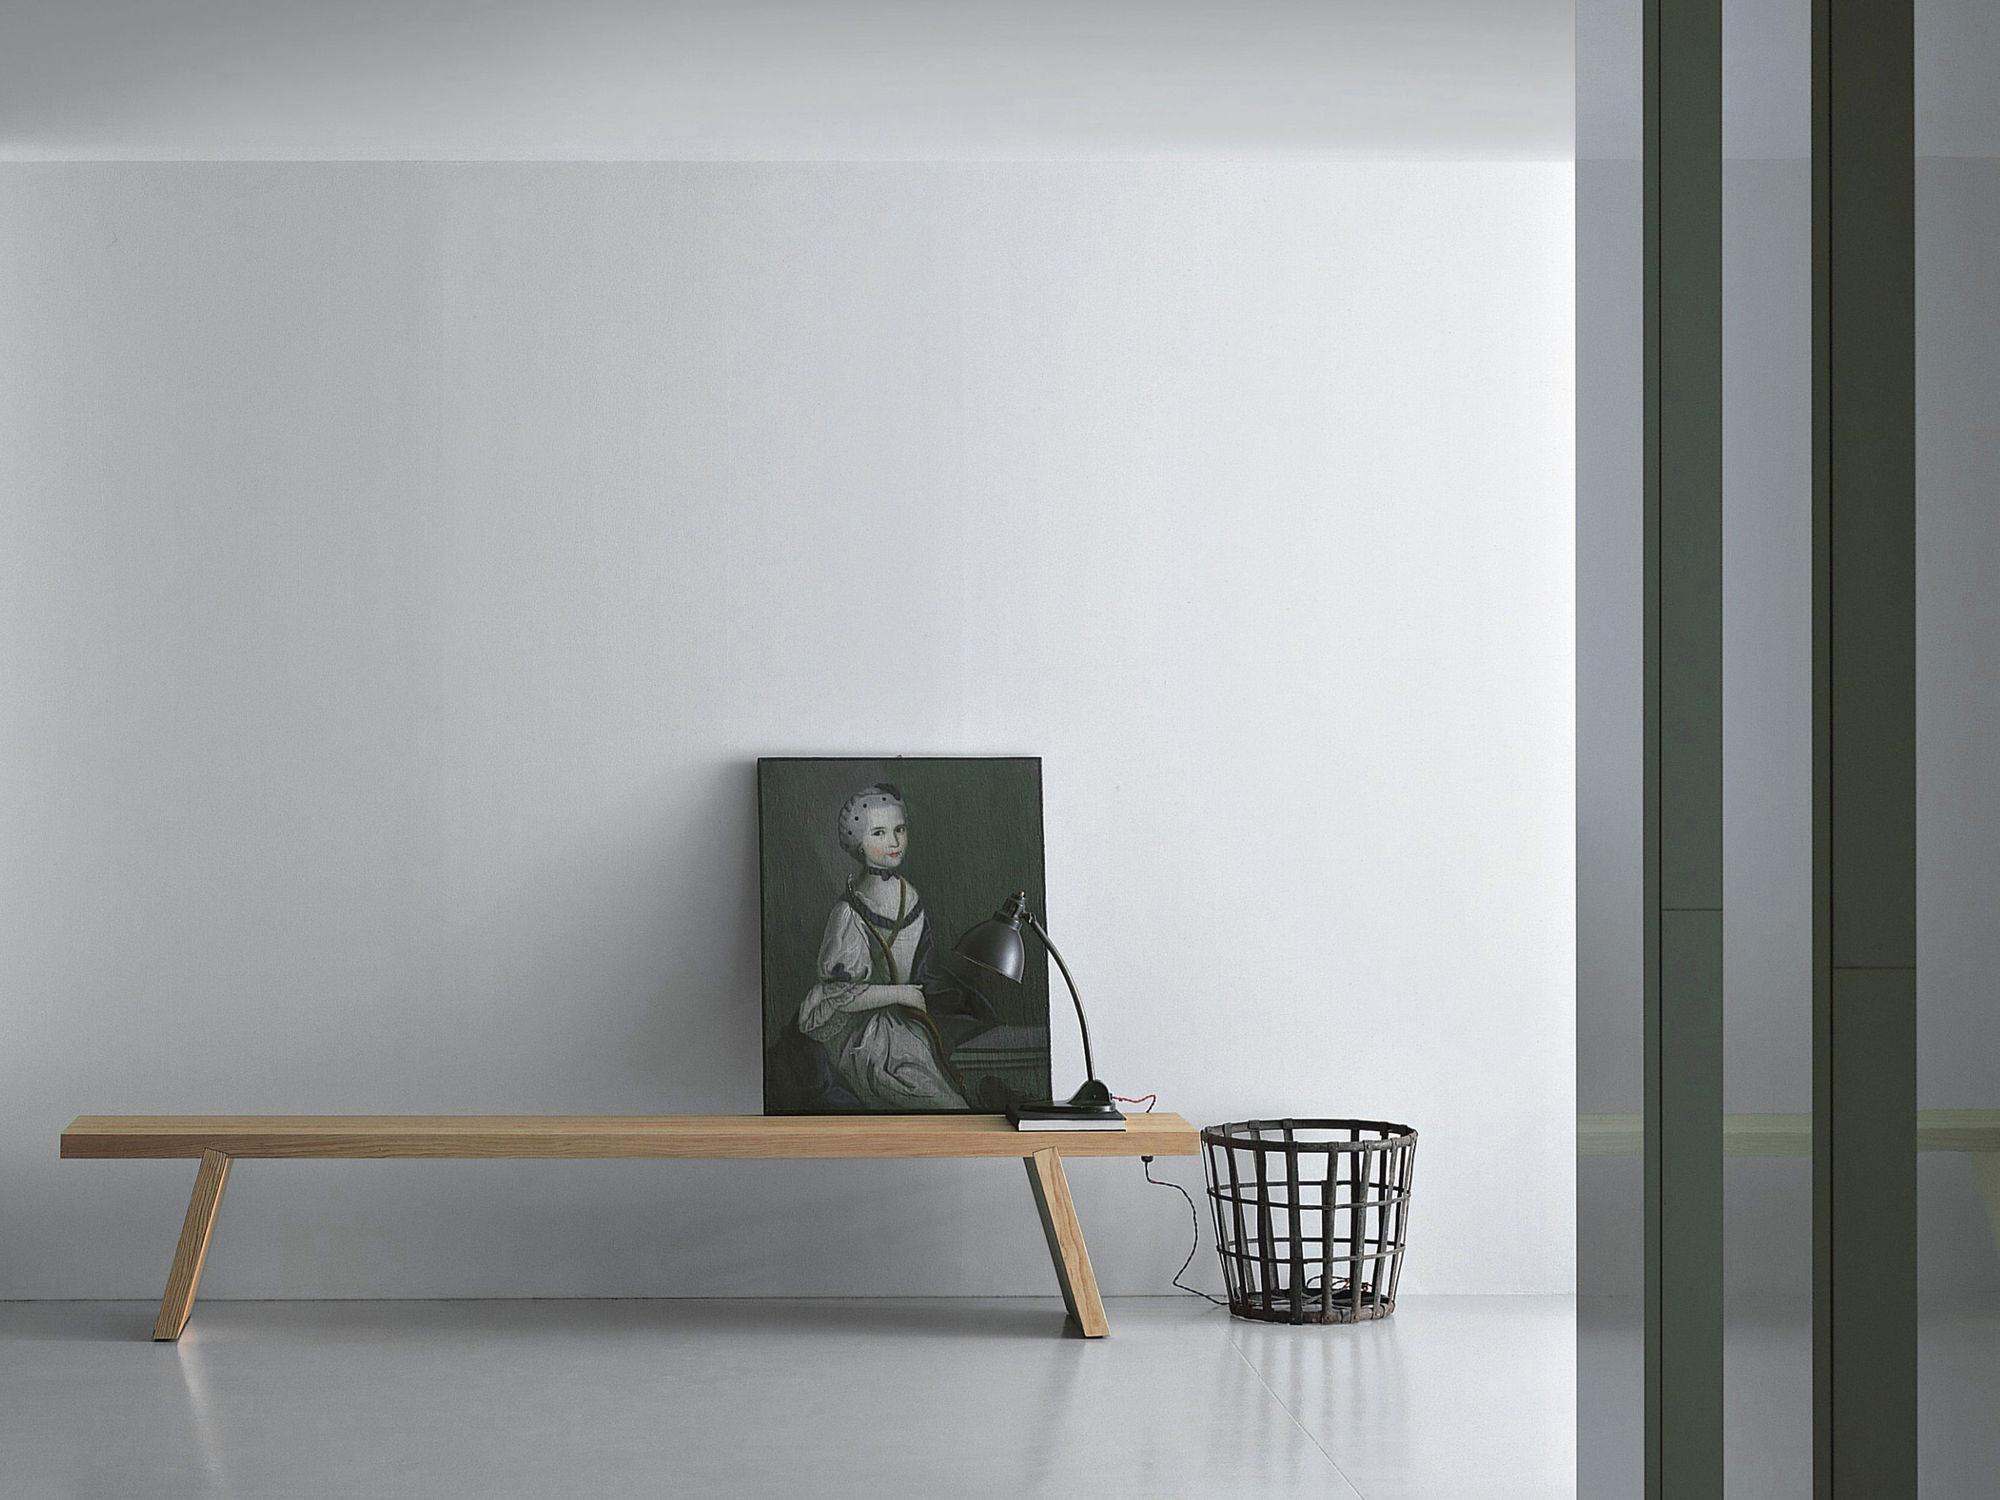 Banc contemporain / en bois massif / par Piero Lissoni - GROOVE - Porro